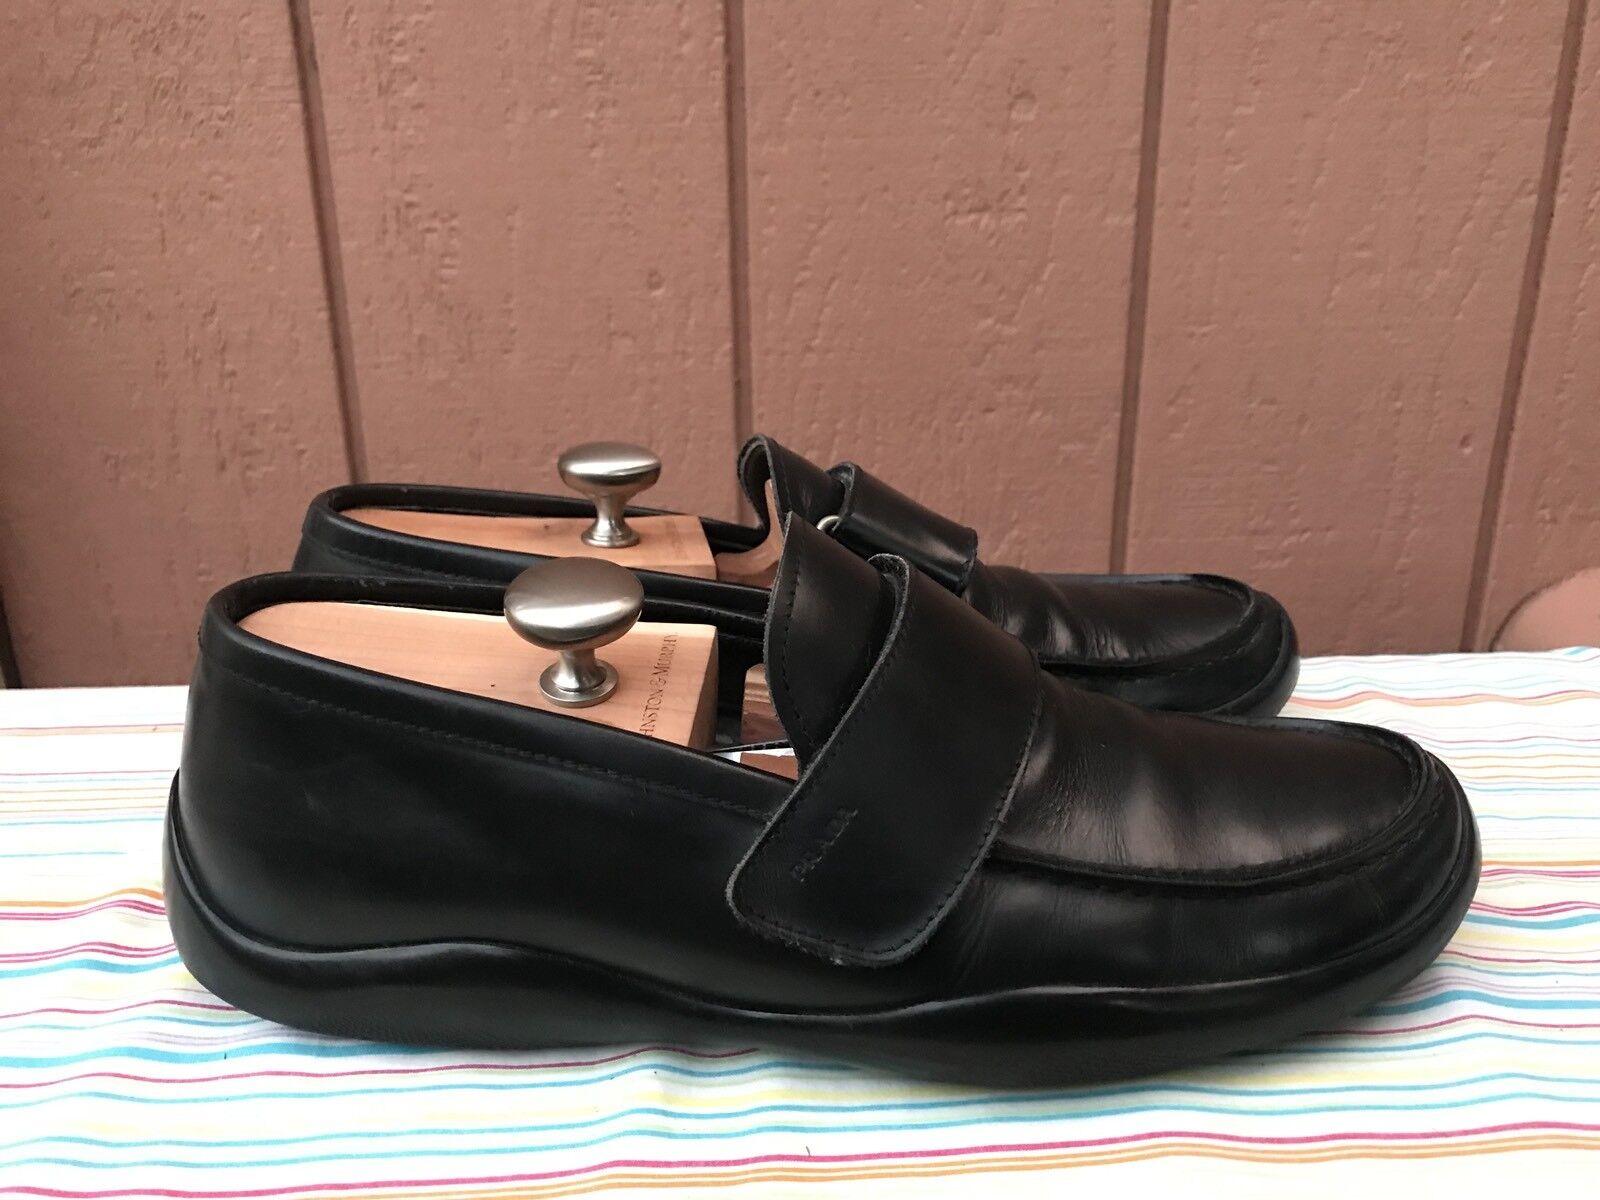 Usado en excelente estado Prada Mocasín Negro Correa De Cuero Hombre Talla 10 de EE. UU. hecho en Italia